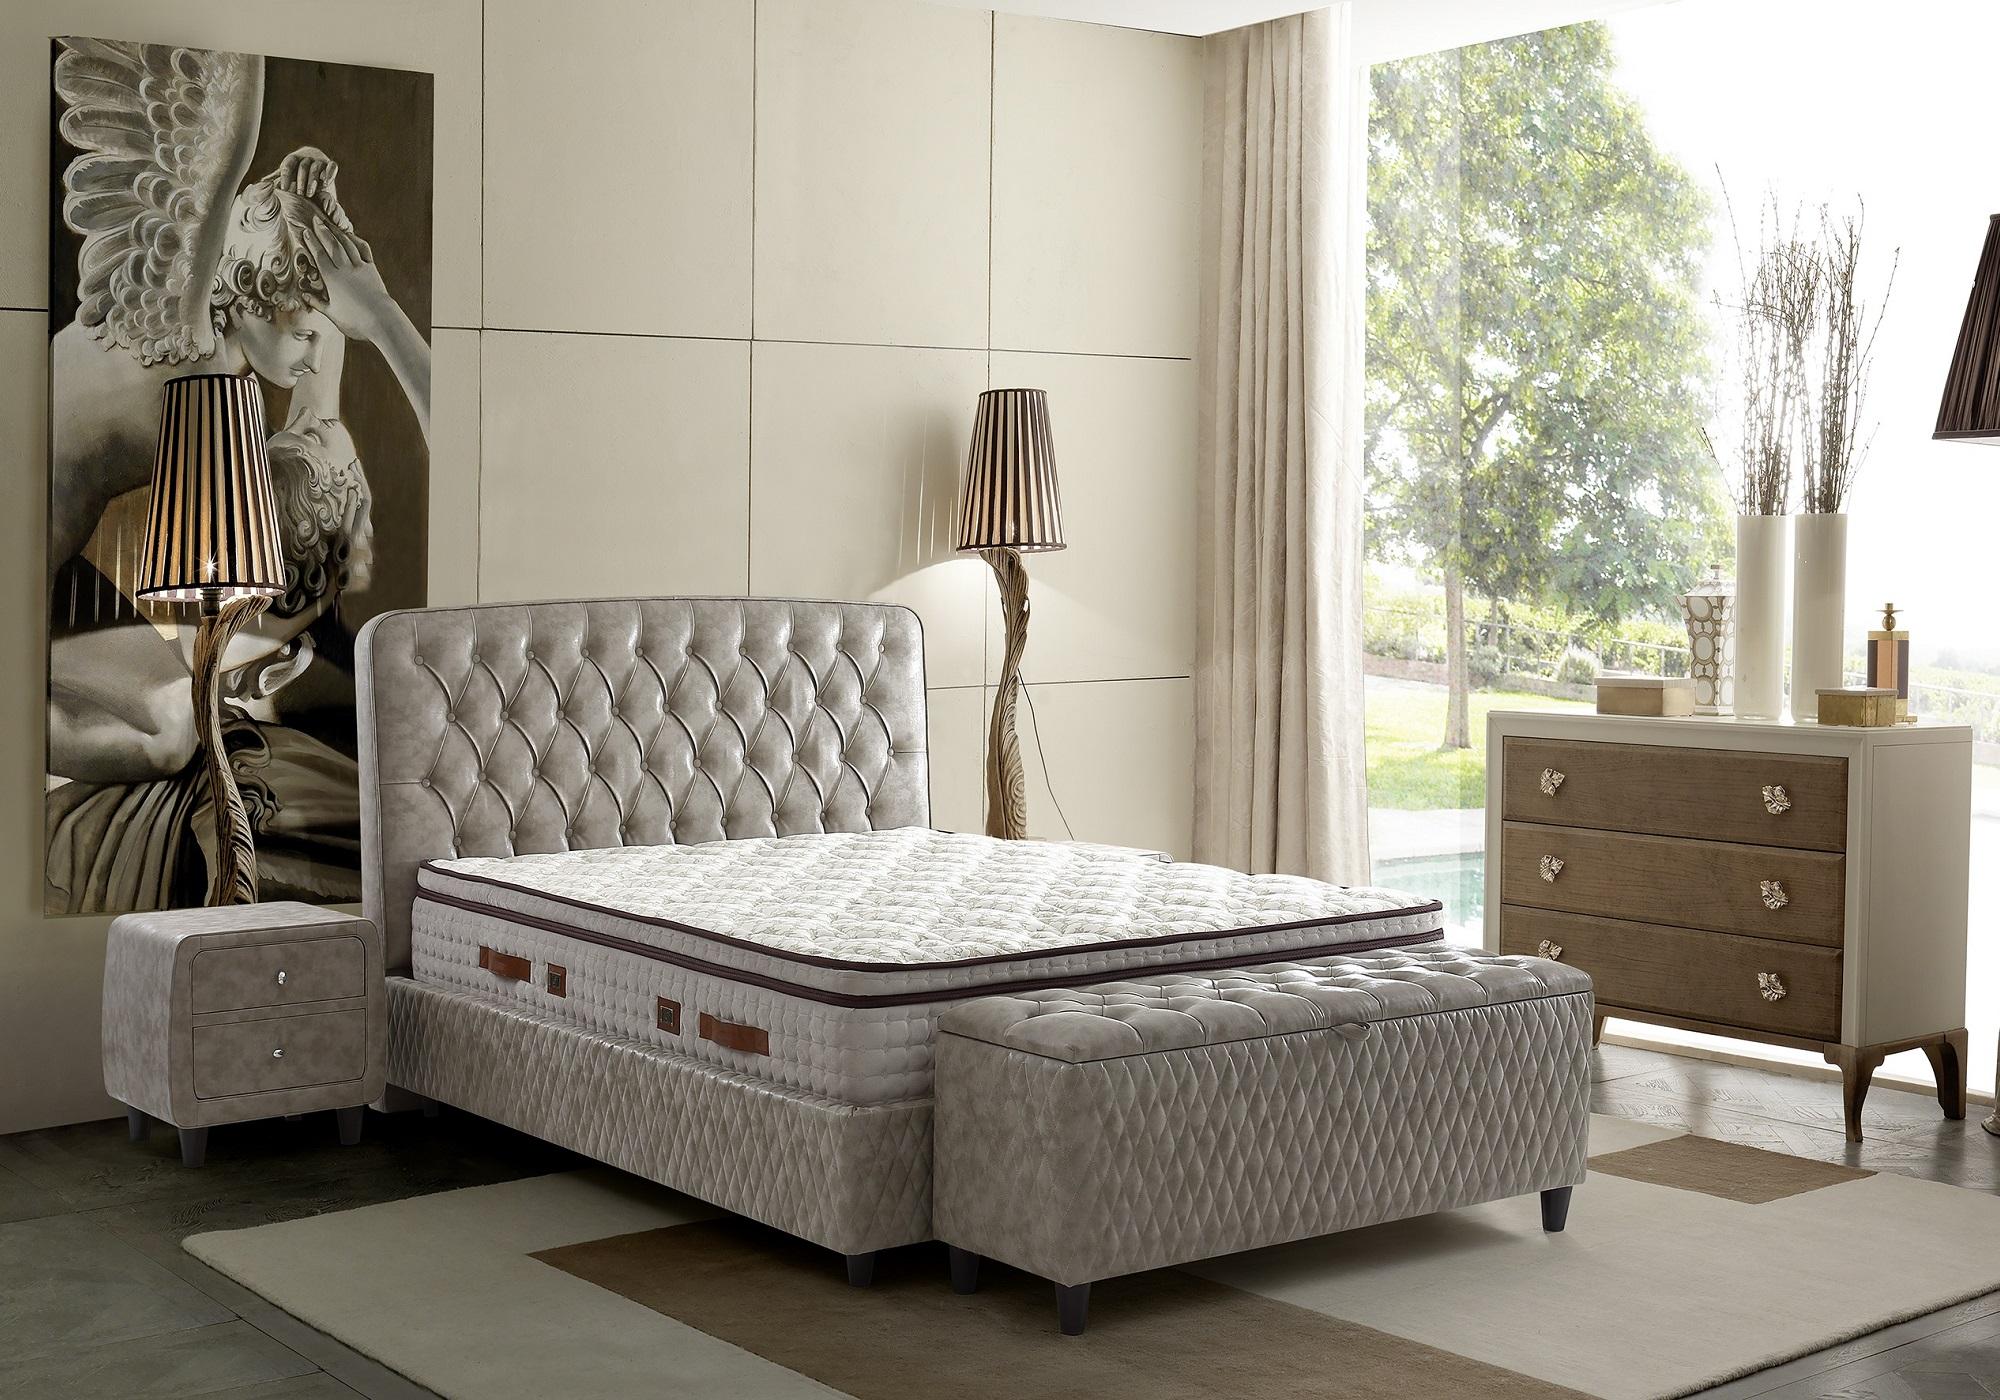 Lit coffre & tête de lit capitonnée taupe ANCONA